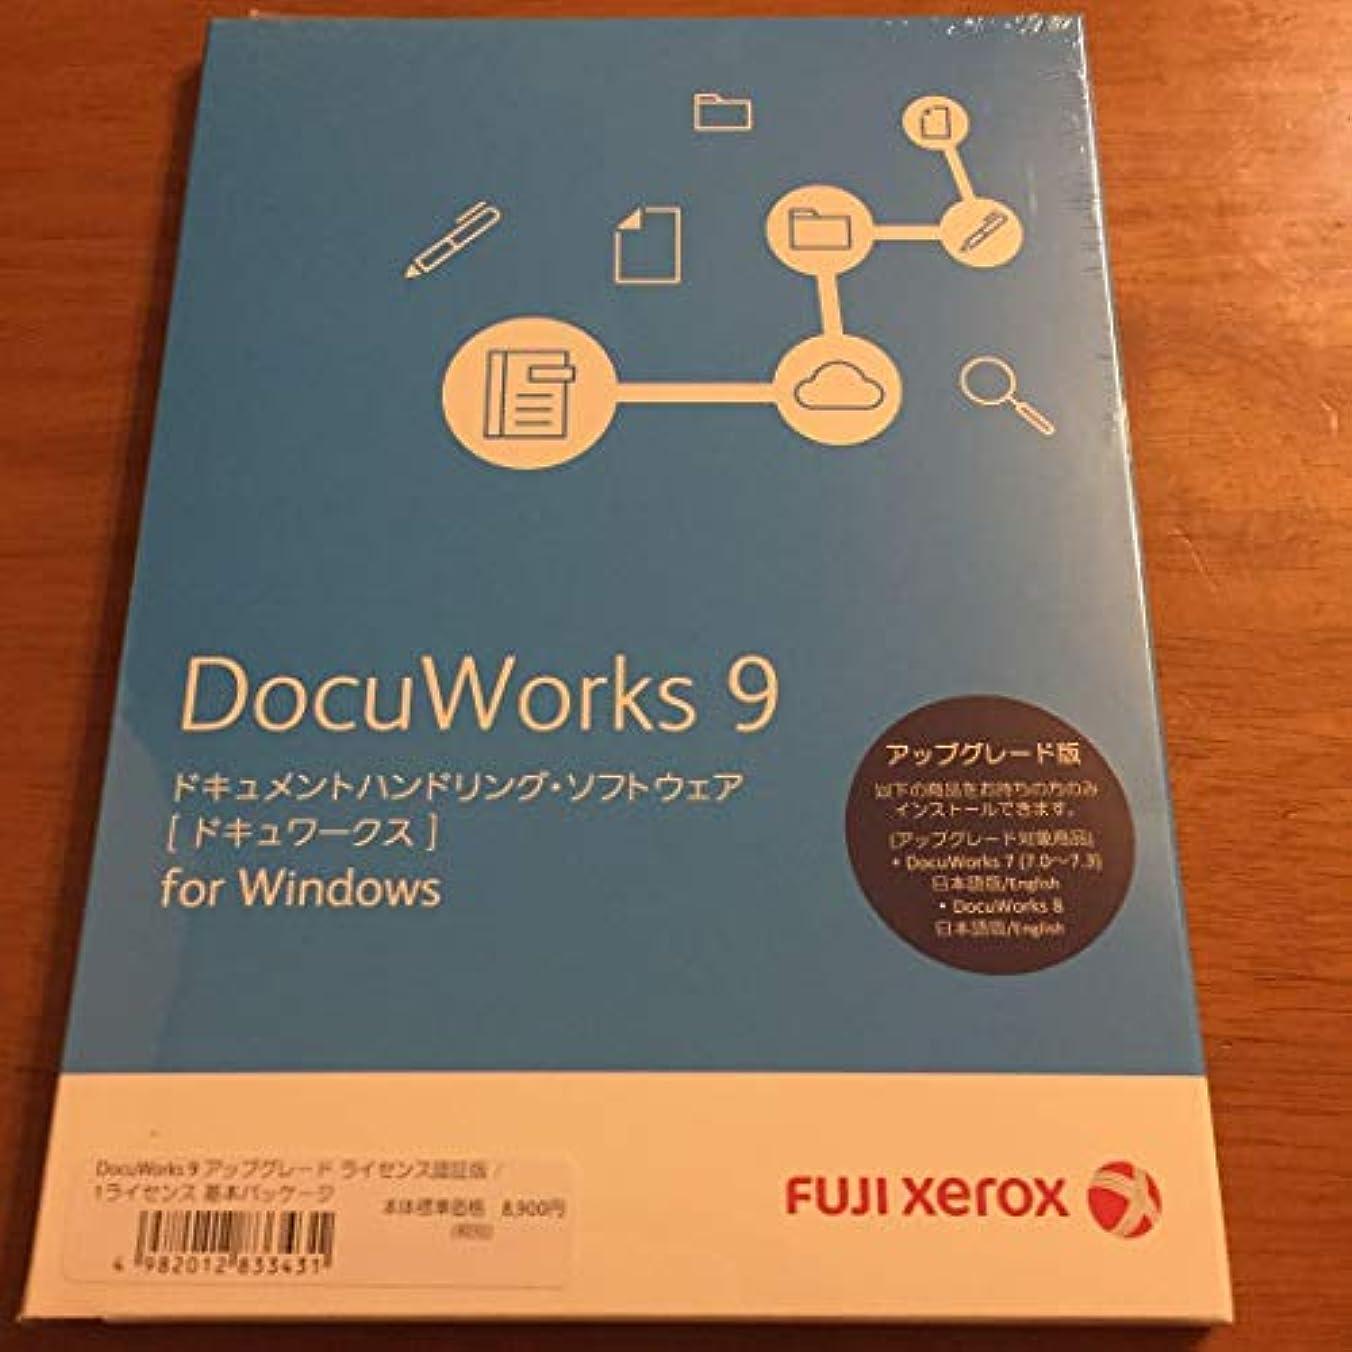 サドルナイトスポット好奇心DocuWorks 9 アップグレード ライセンス認証版 / 1ライセンス基本パッケージ